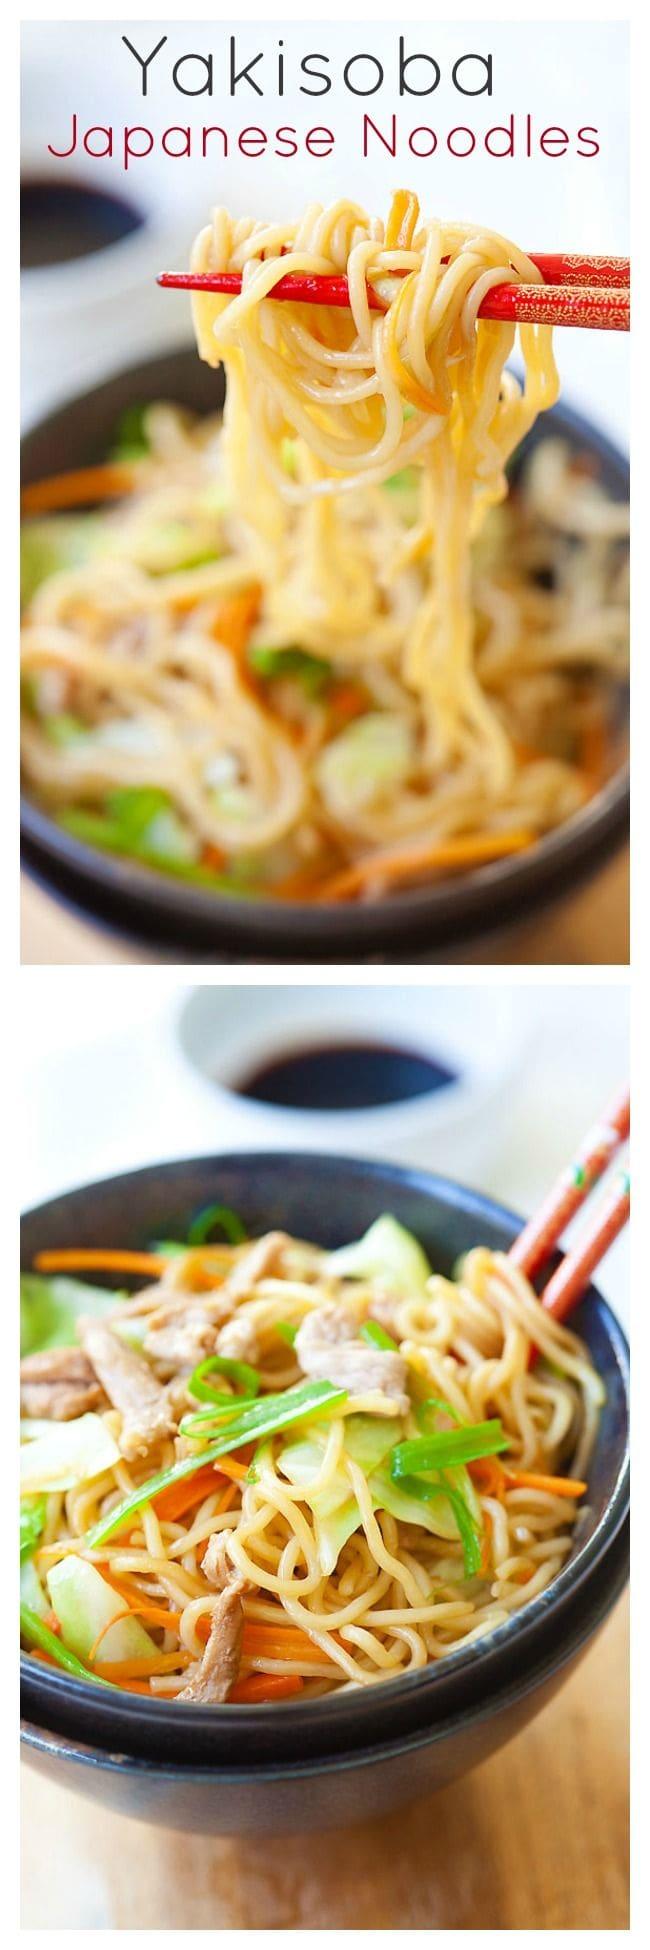 Yakisoba Japanese Fried Noodles Easy Recipes At Rasamalaysia Com